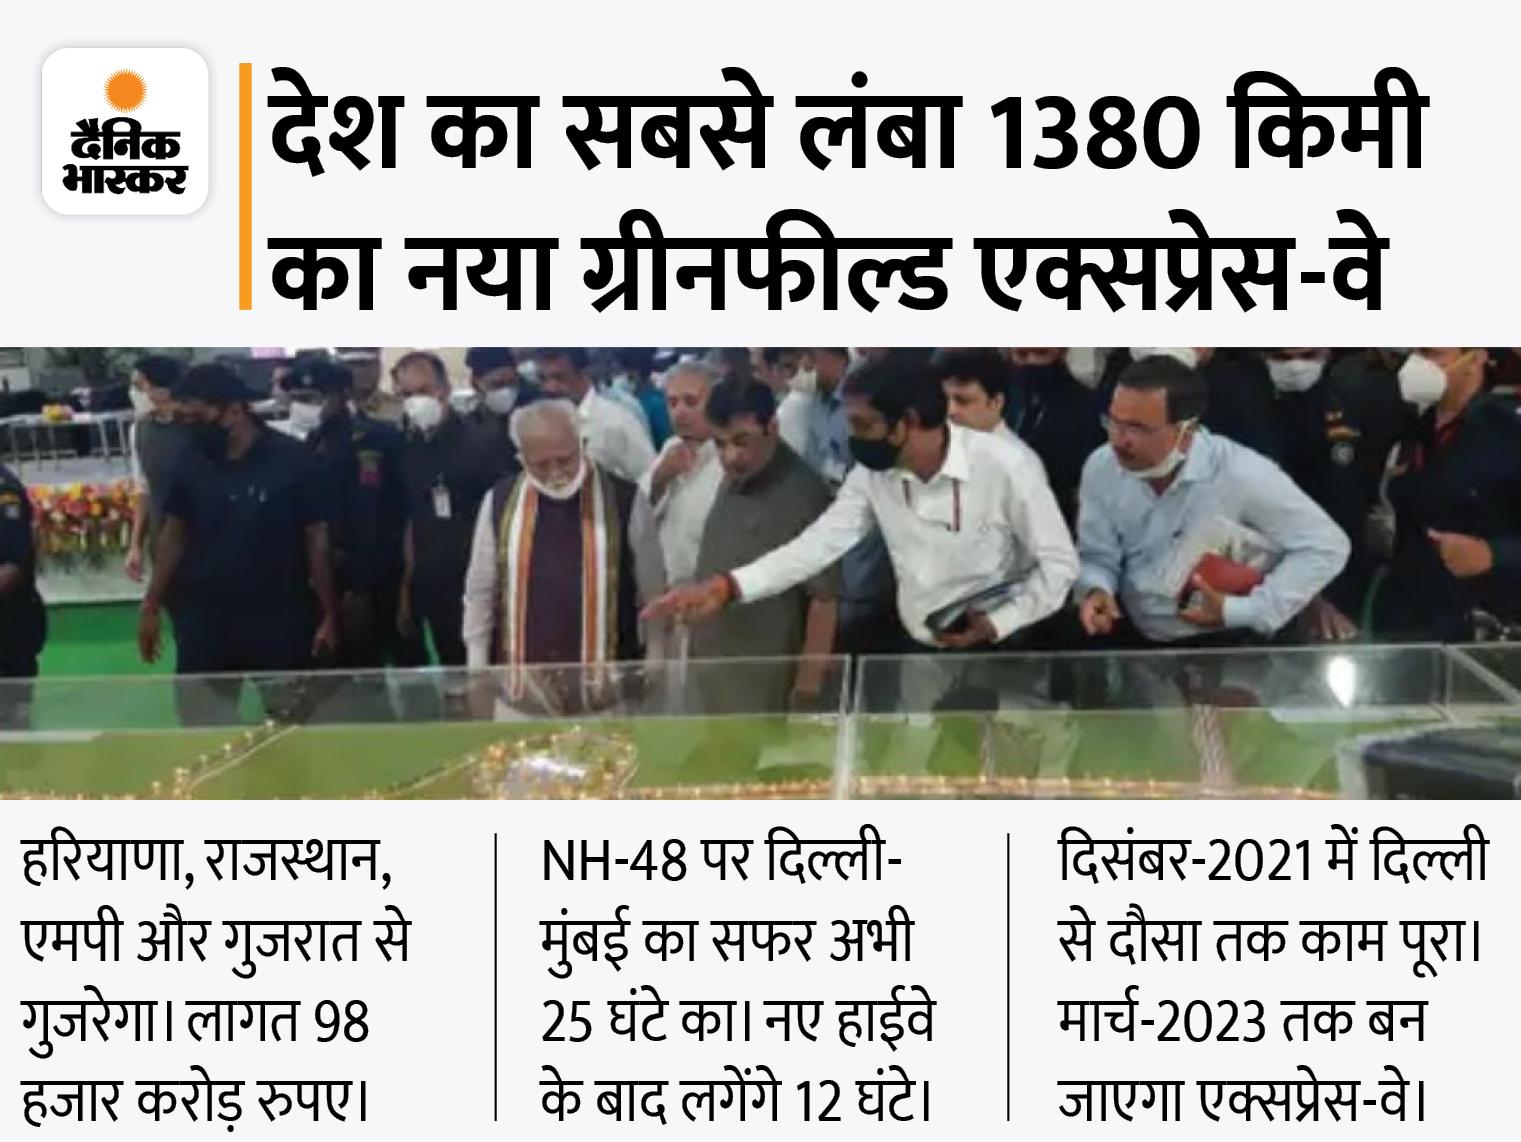 हरियाणा के 65 गांवों से गुजरेगा; नितिन गडकरी ने CM मनोहर लाल और केन्द्रीय मंत्री राव इन्द्रजीत के साथ किया निरीक्षण|रेवाड़ी,Rewari - Dainik Bhaskar